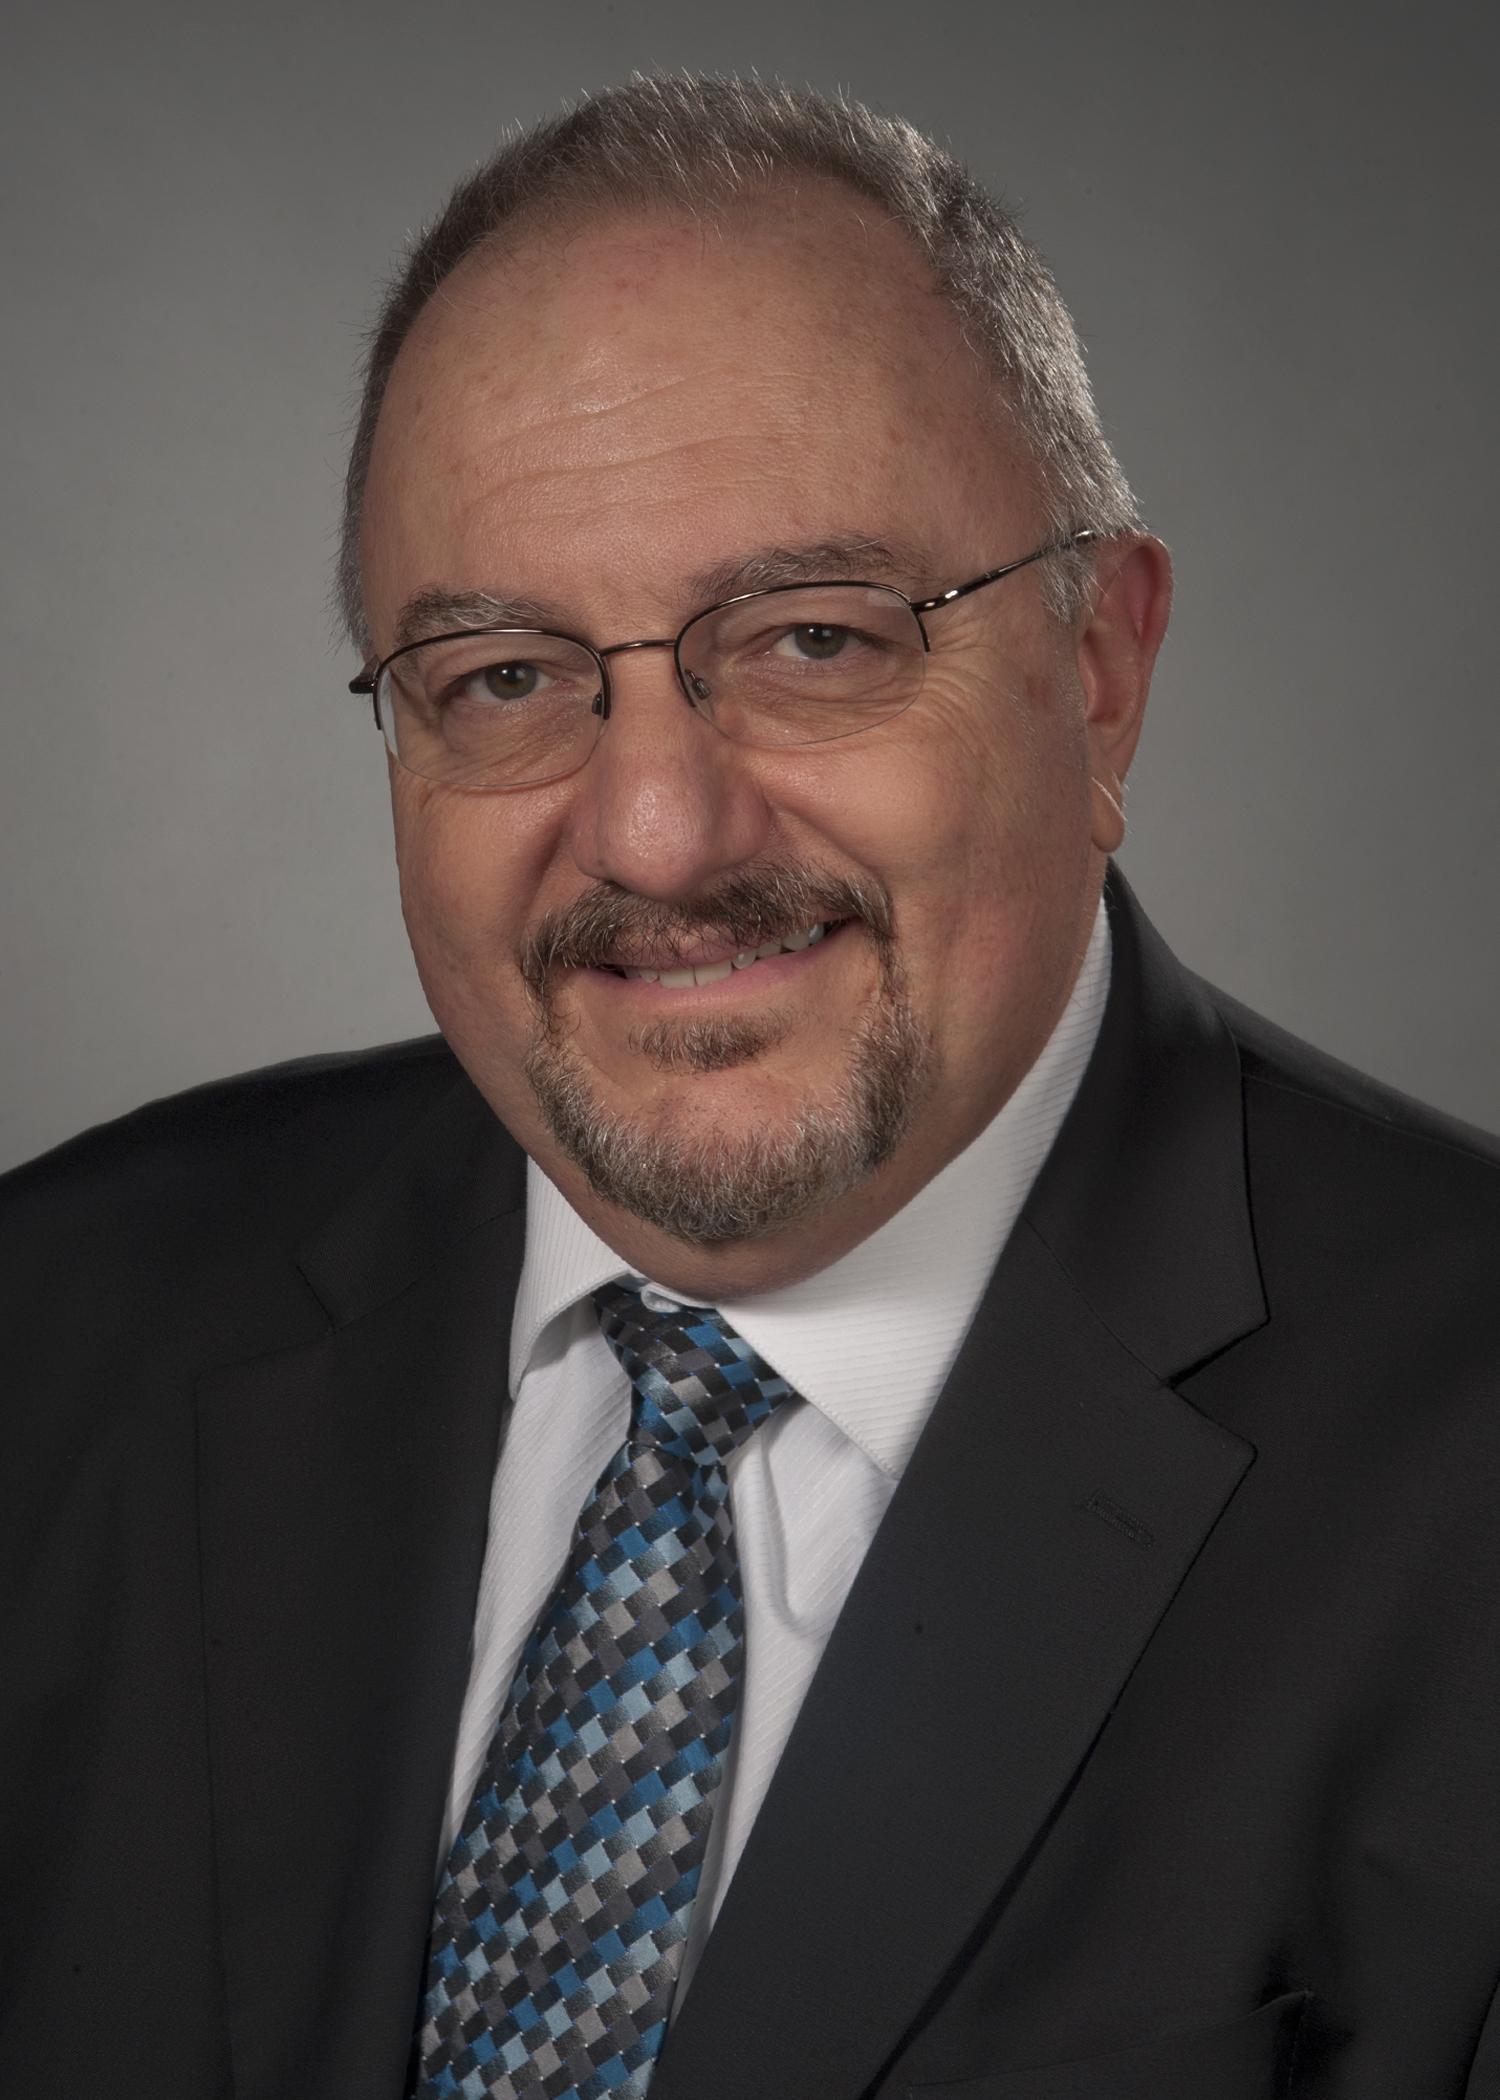 Ron Ulrich